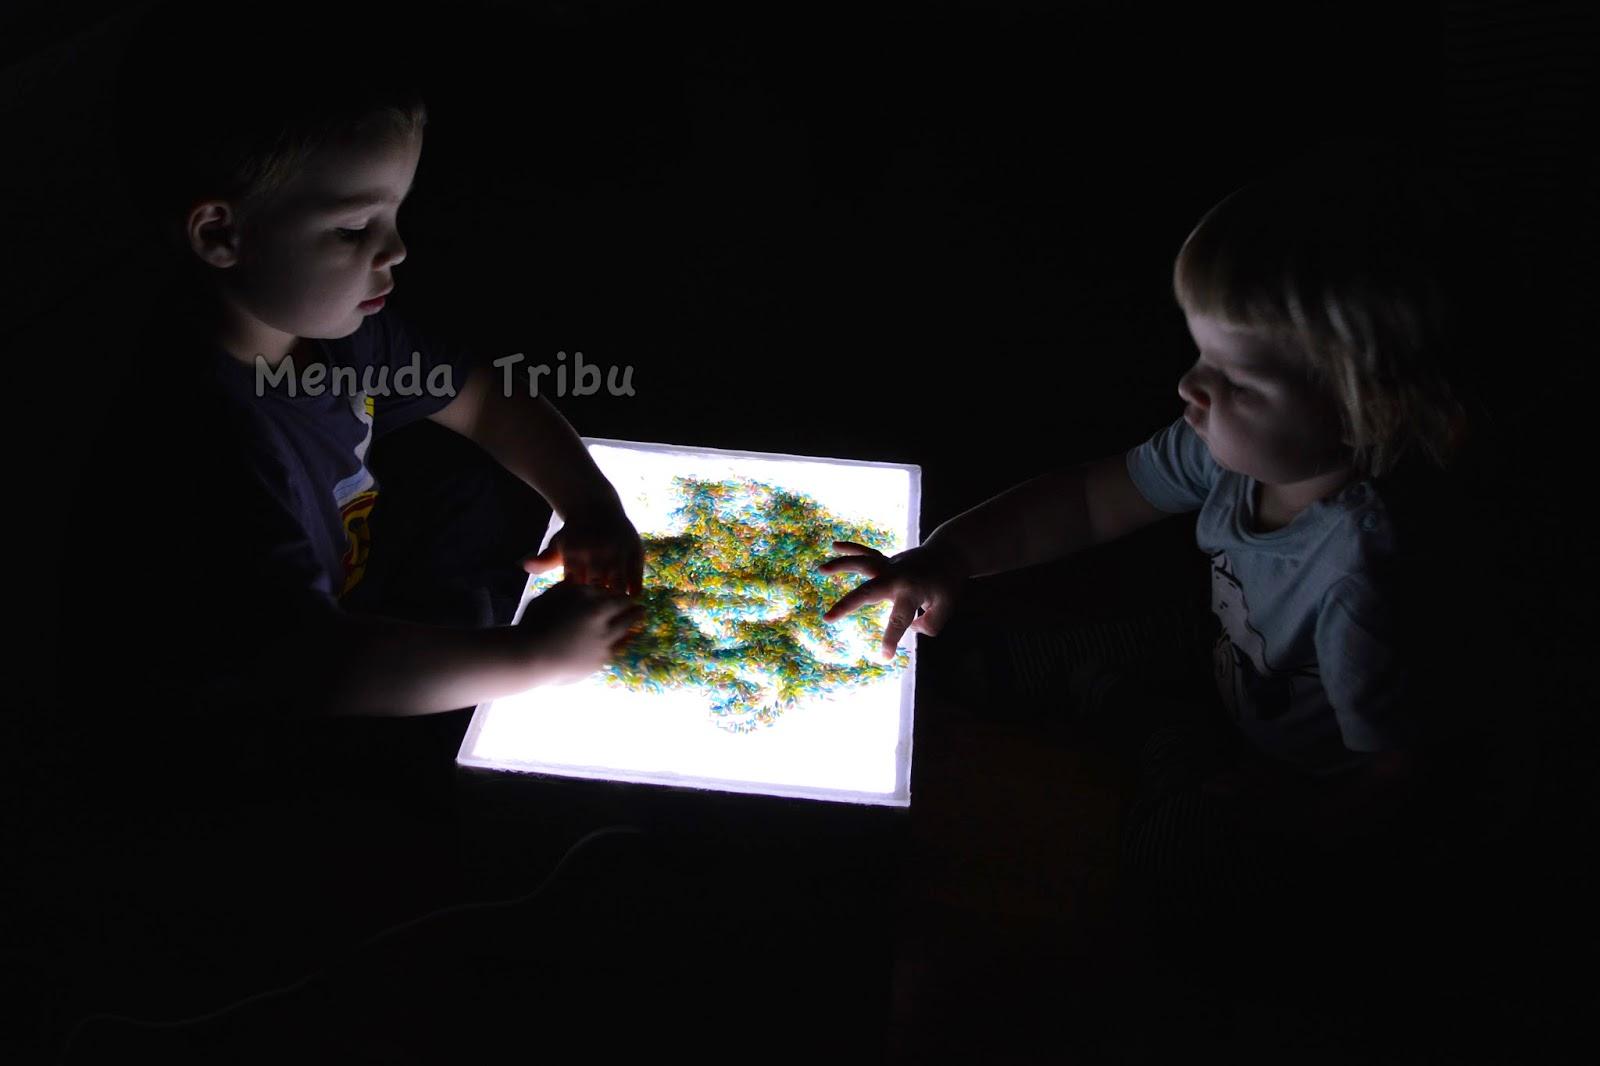 www.menudatribublog.blogspot.com